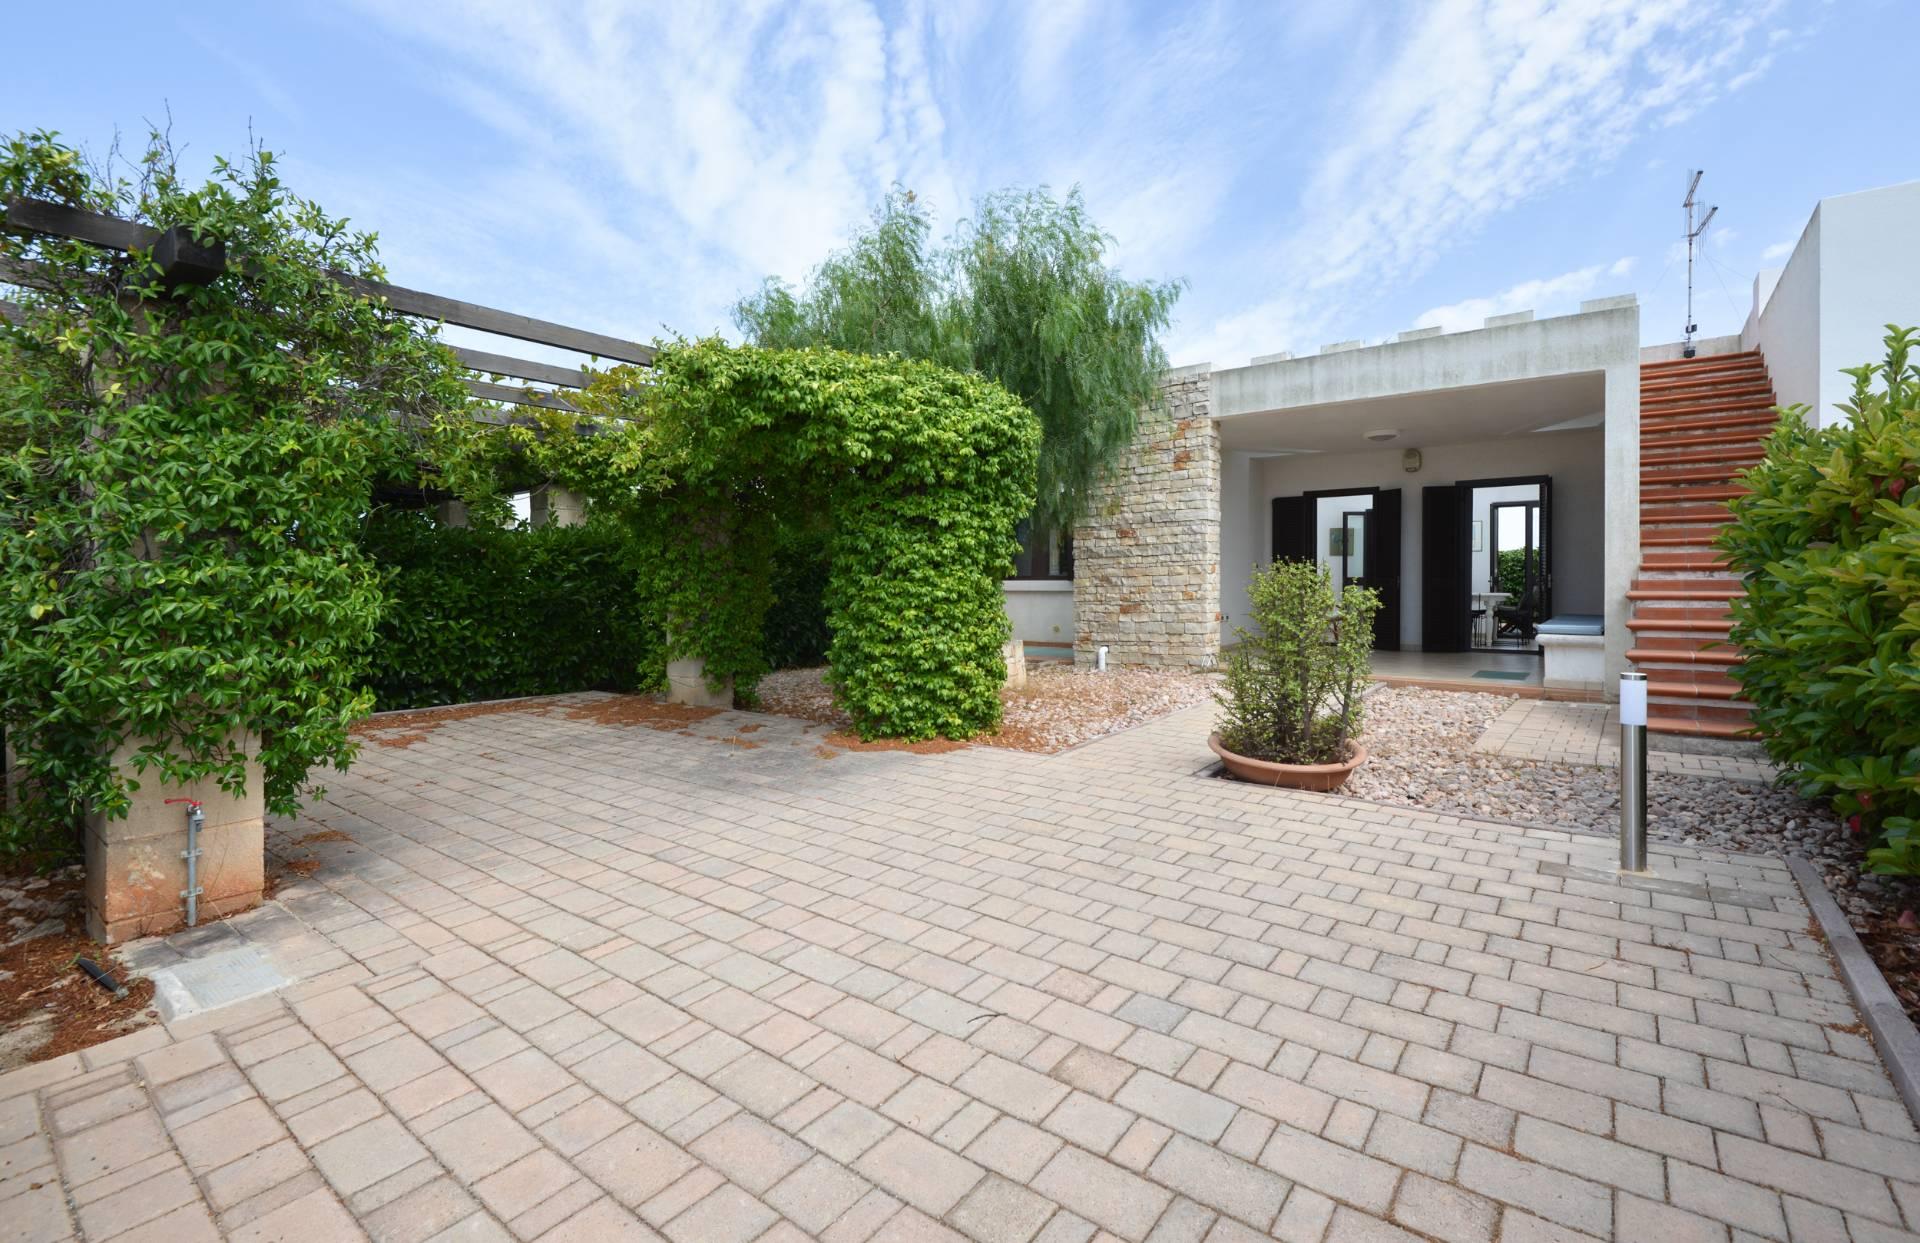 Villa in vendita a Ostuni, 5 locali, prezzo € 225.000 | CambioCasa.it